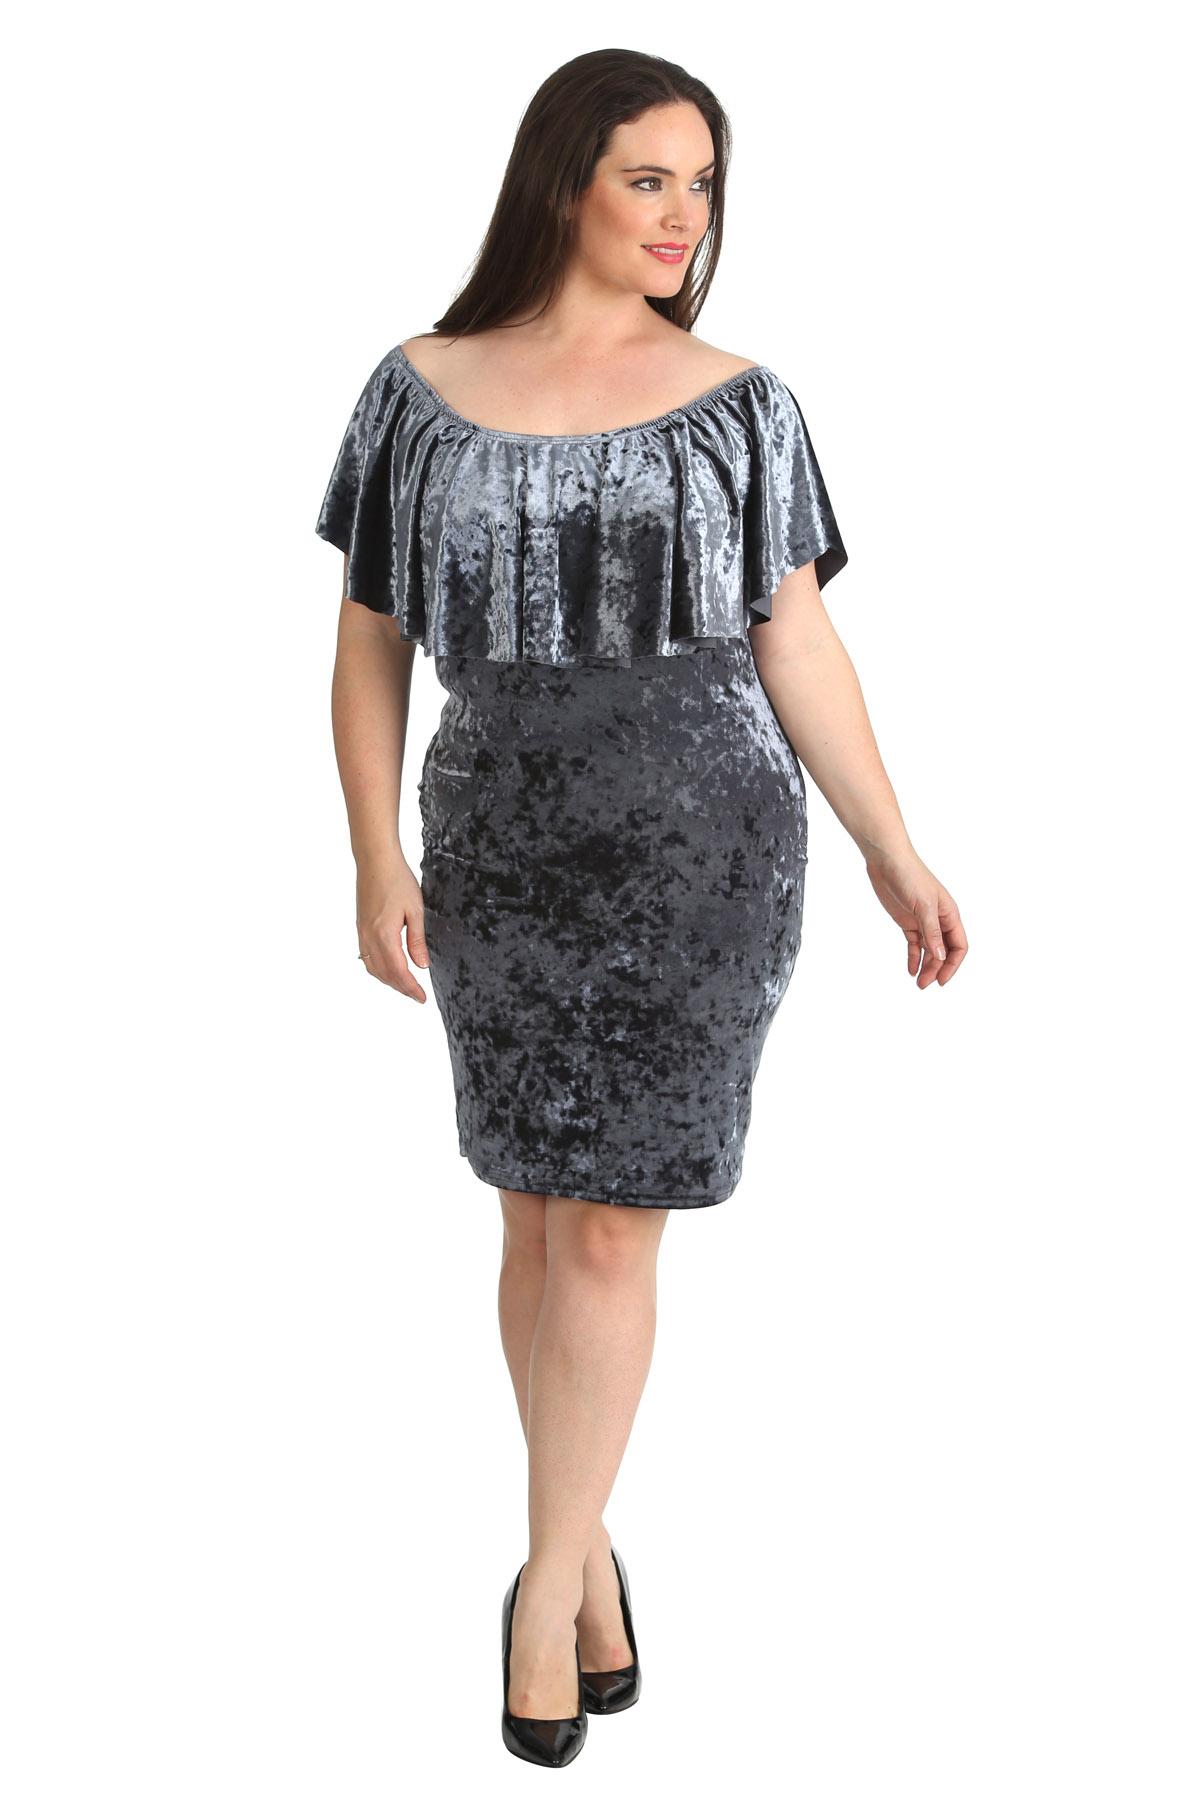 Velvet clothing for women